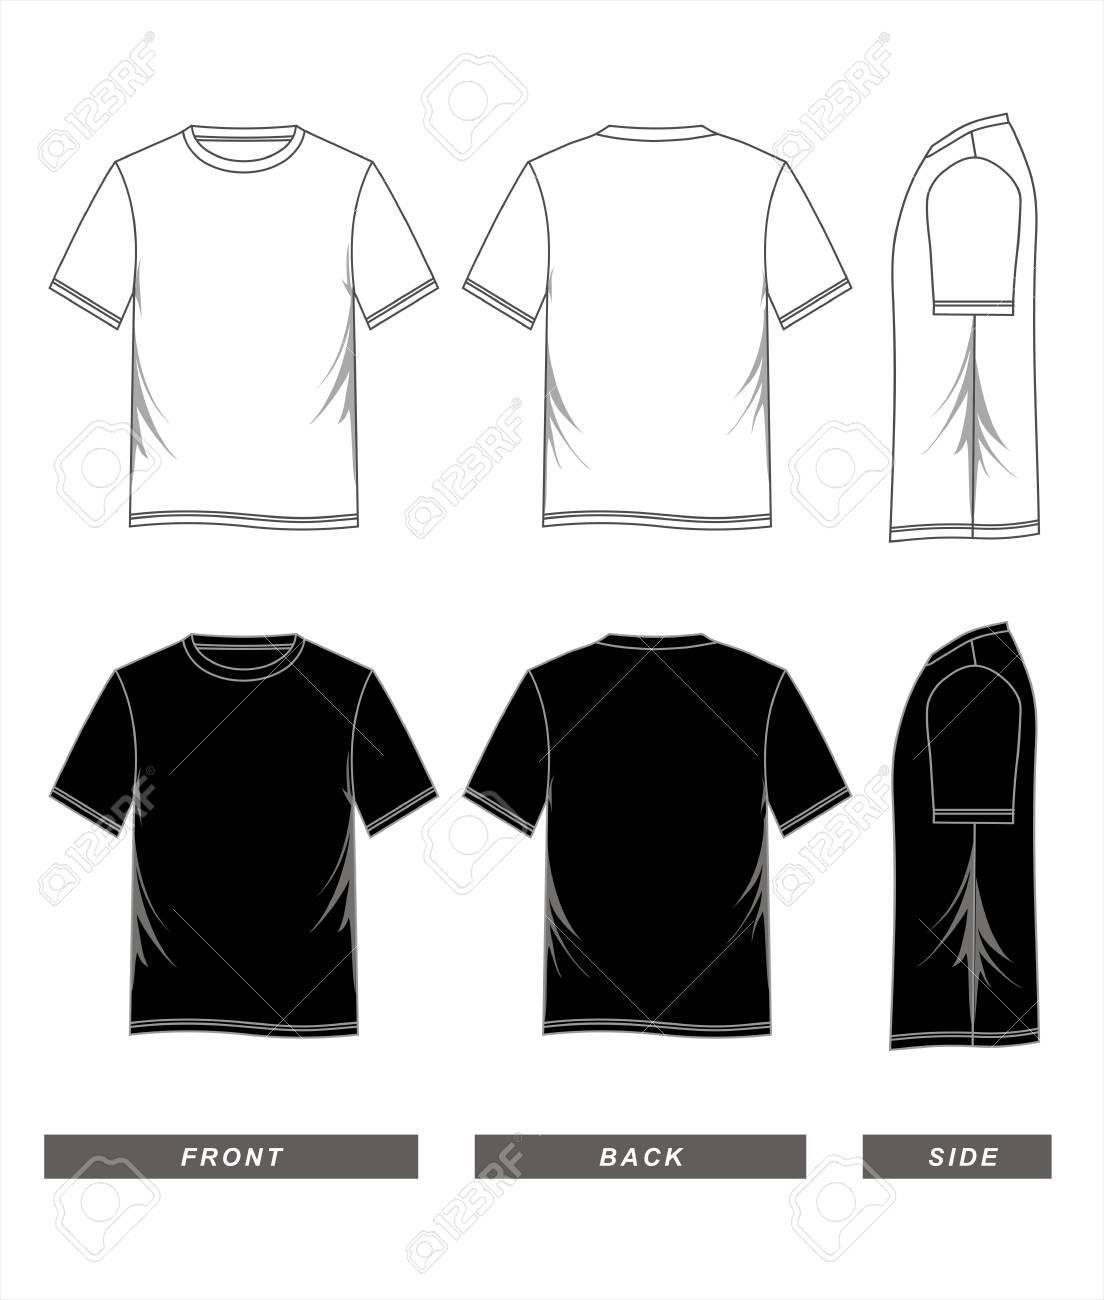 Camiseta Plantilla Ilustración Vectorial En Blanco. Ilustraciones ...